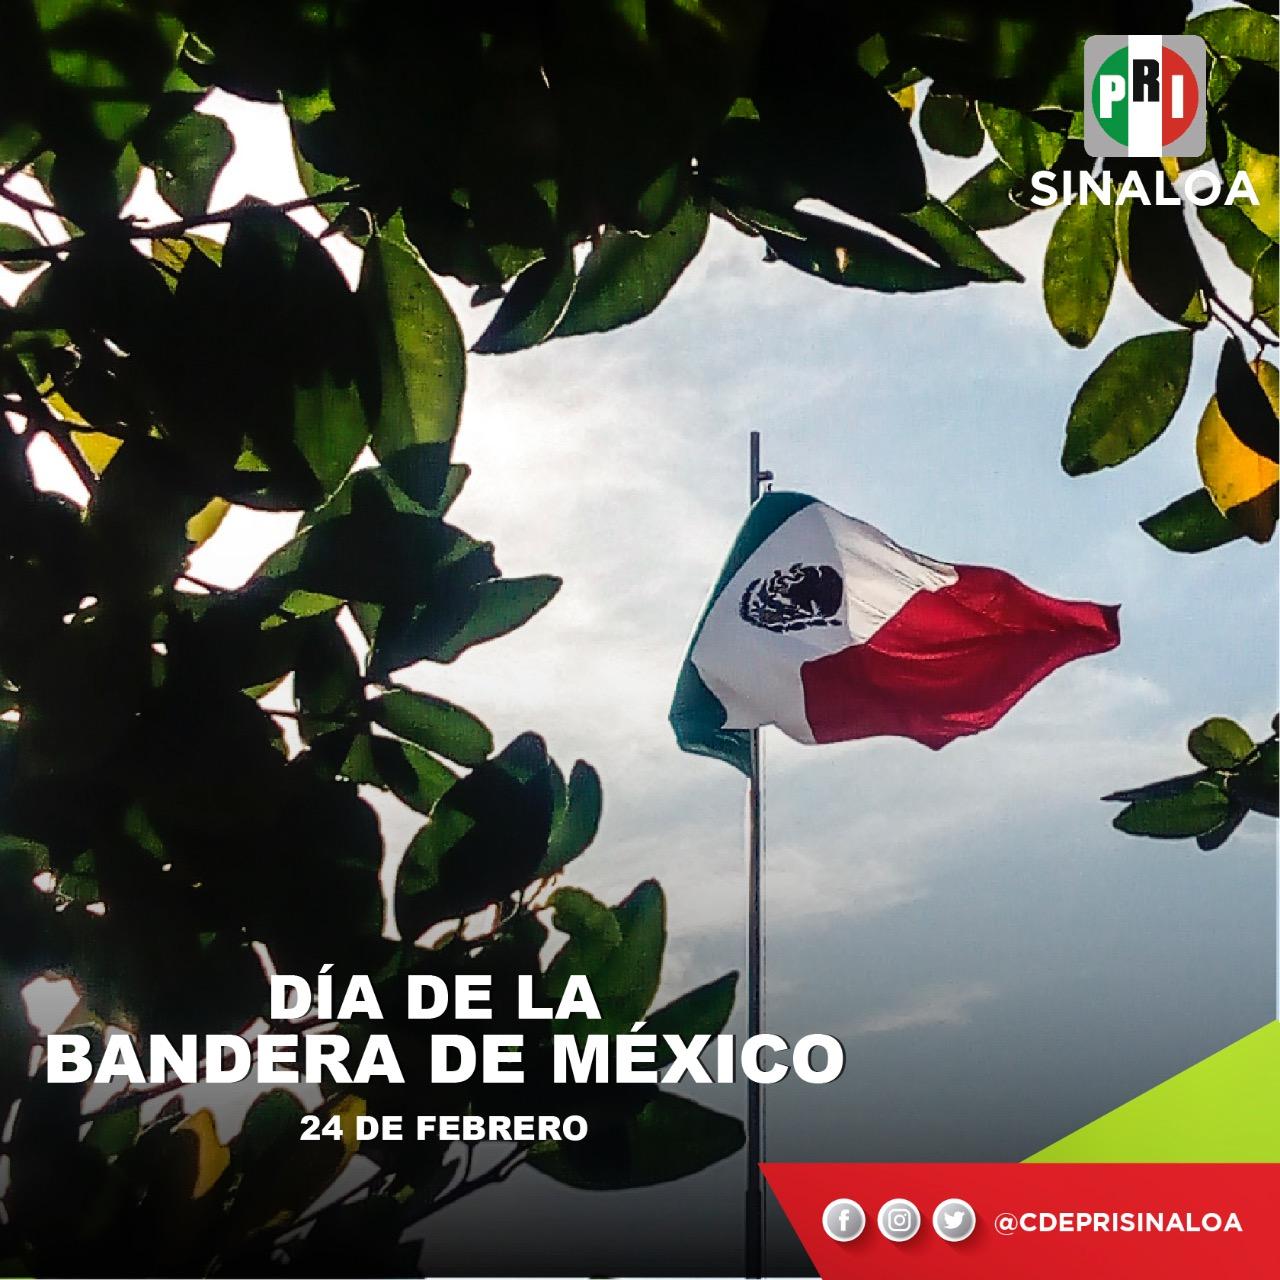 Hoy celebramos con gran orgullo el Día de Nuestra Bandera Nacional #México